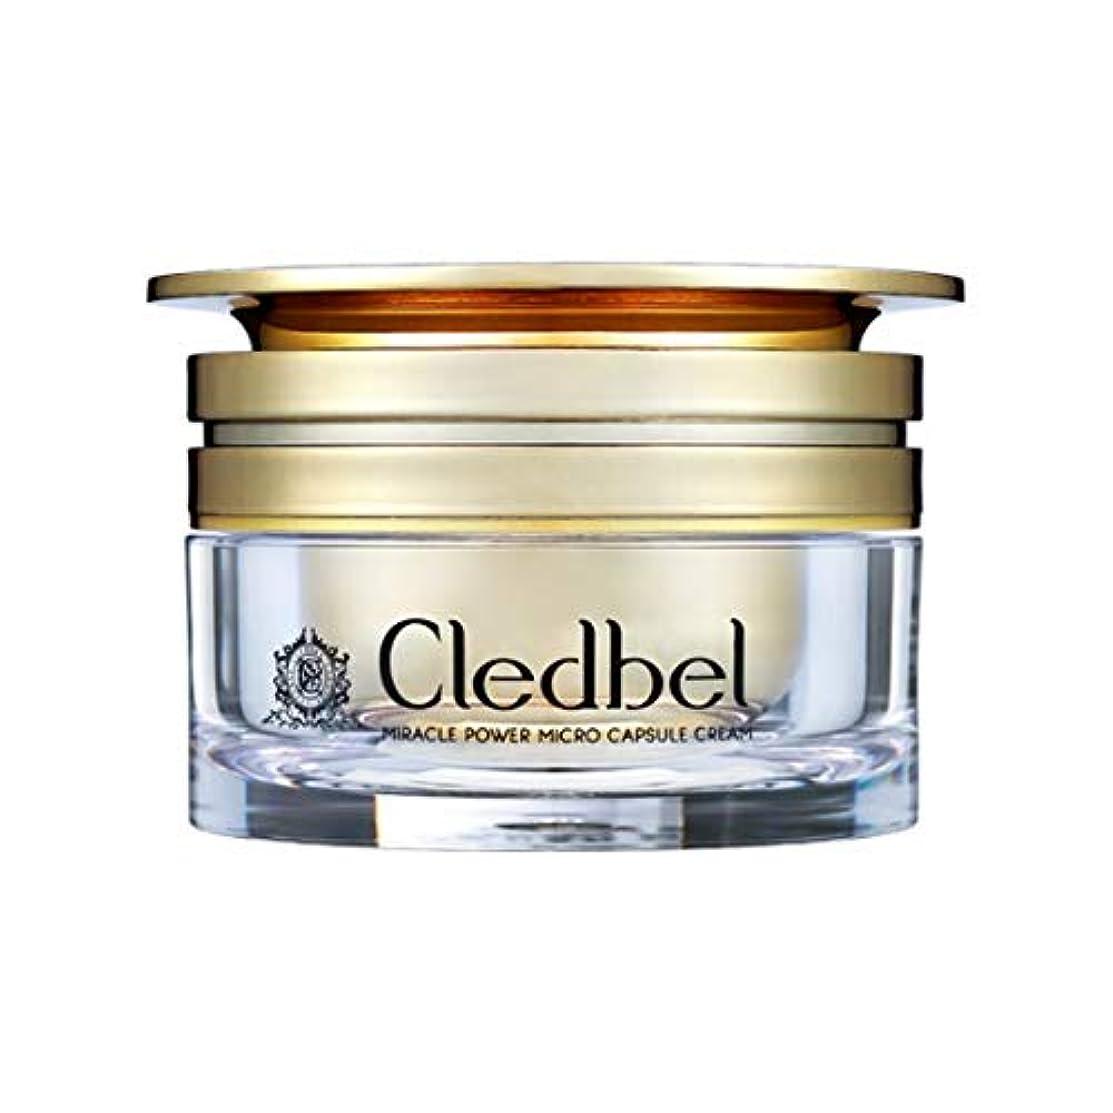 気分楕円形文字通り[cledbel] Miracle Power Micro Capsule Cream 50ml / ミラクルパワーマイクロカプセルクリーム 50ml [並行輸入品]